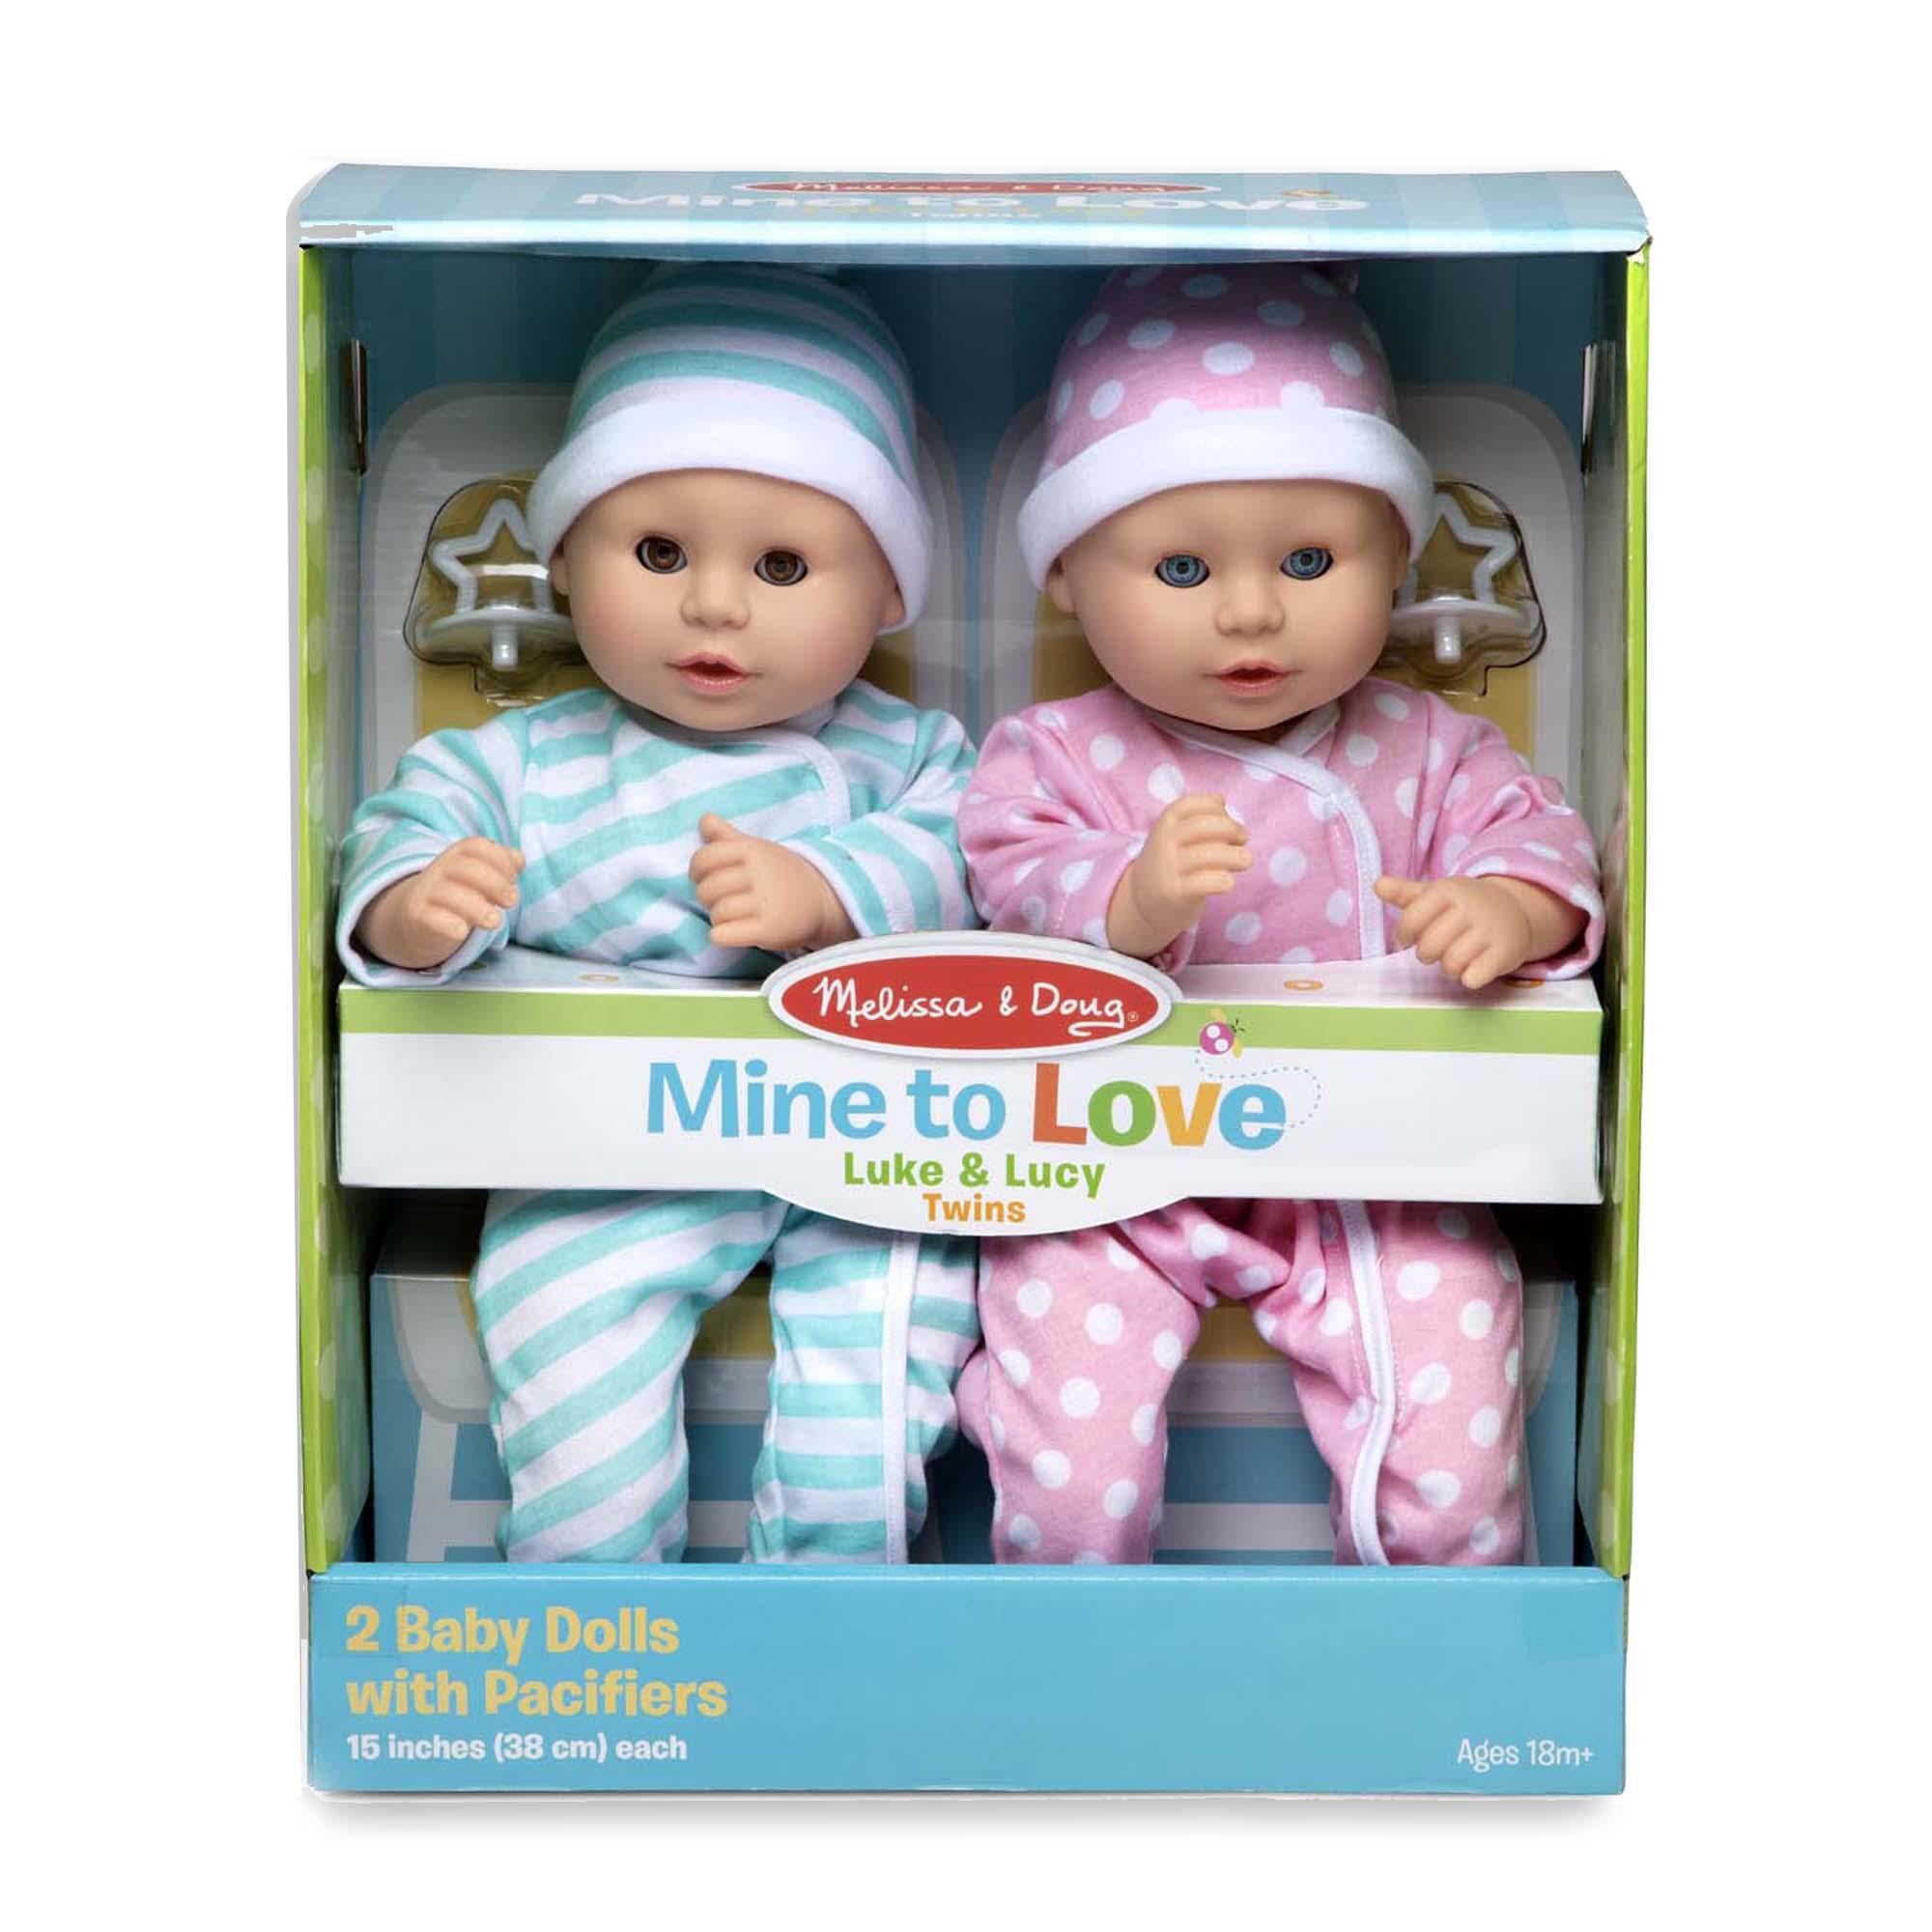 31711 ตุ๊กตาเบบี้ ชายและหญิง เหมือนจริงมาก น่ารักสุดๆ  Baby Care - Twins Luke & Lucy Dolls